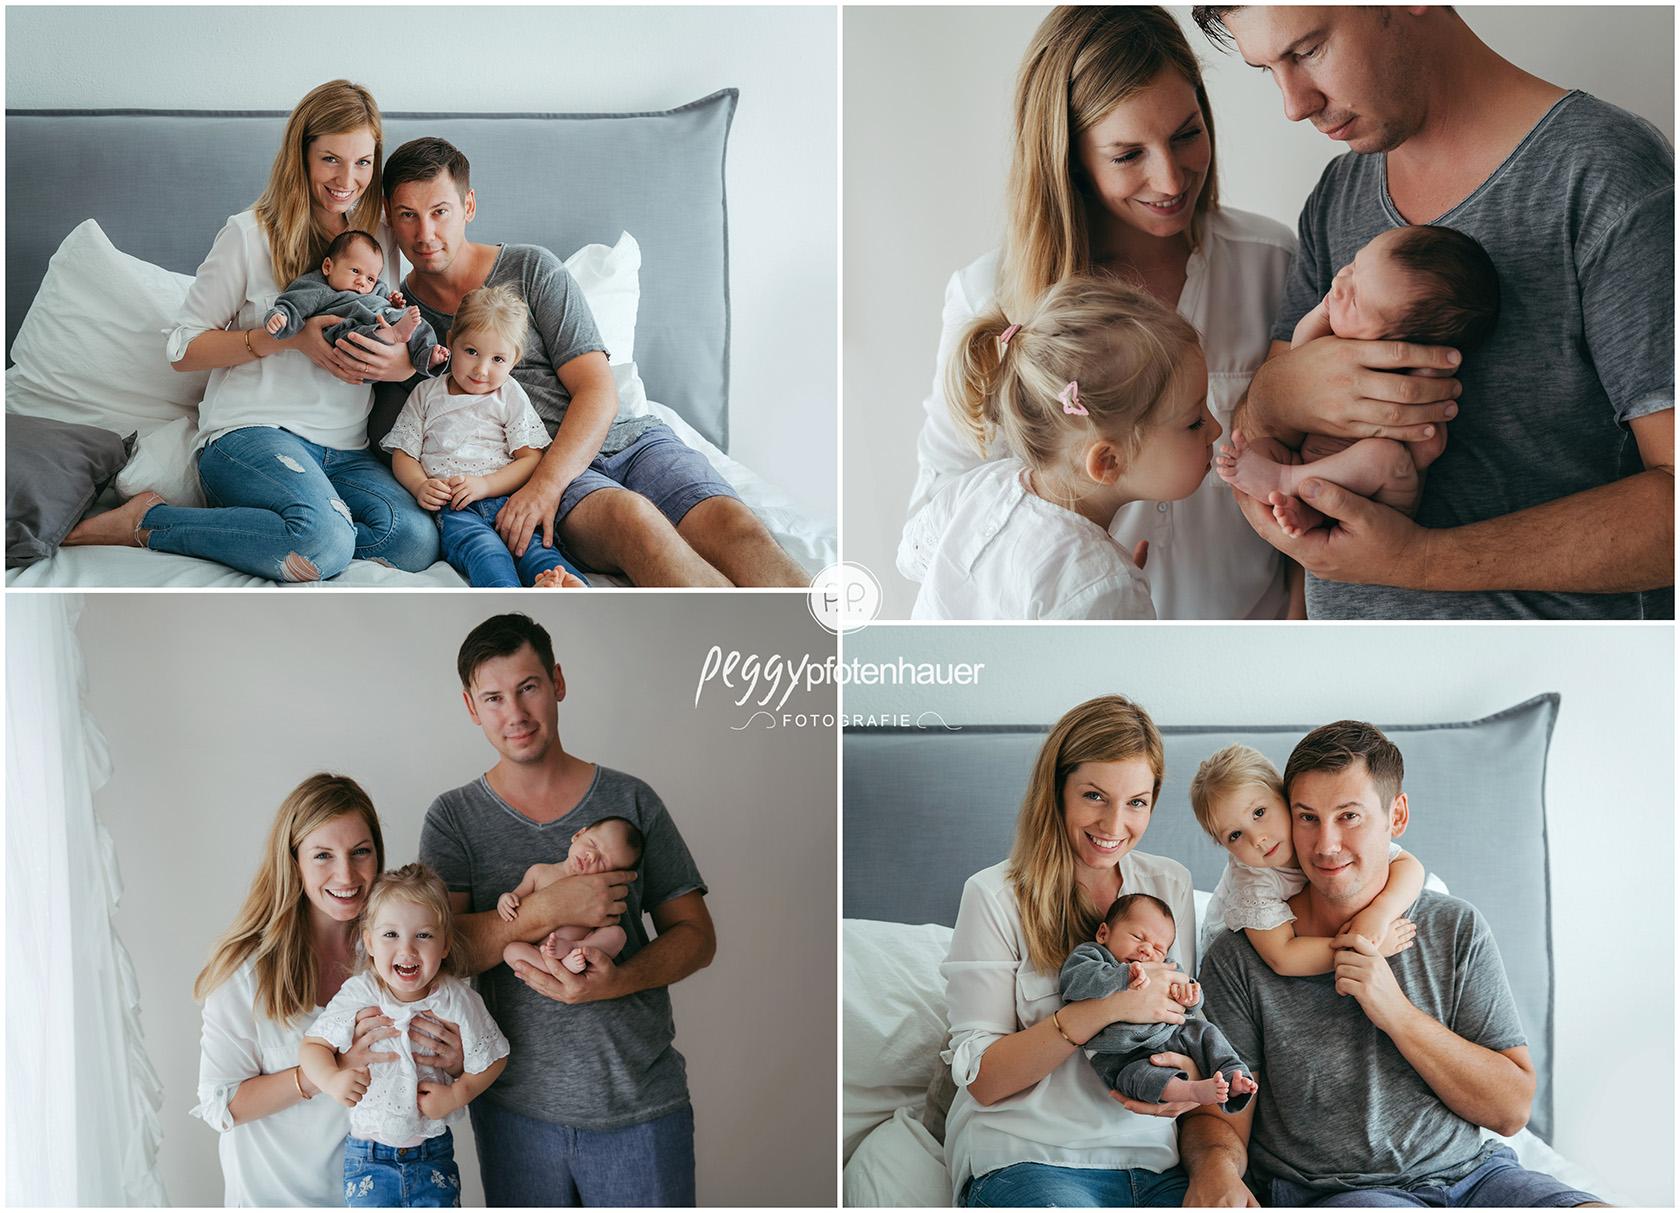 ungezwungene Familienbilder